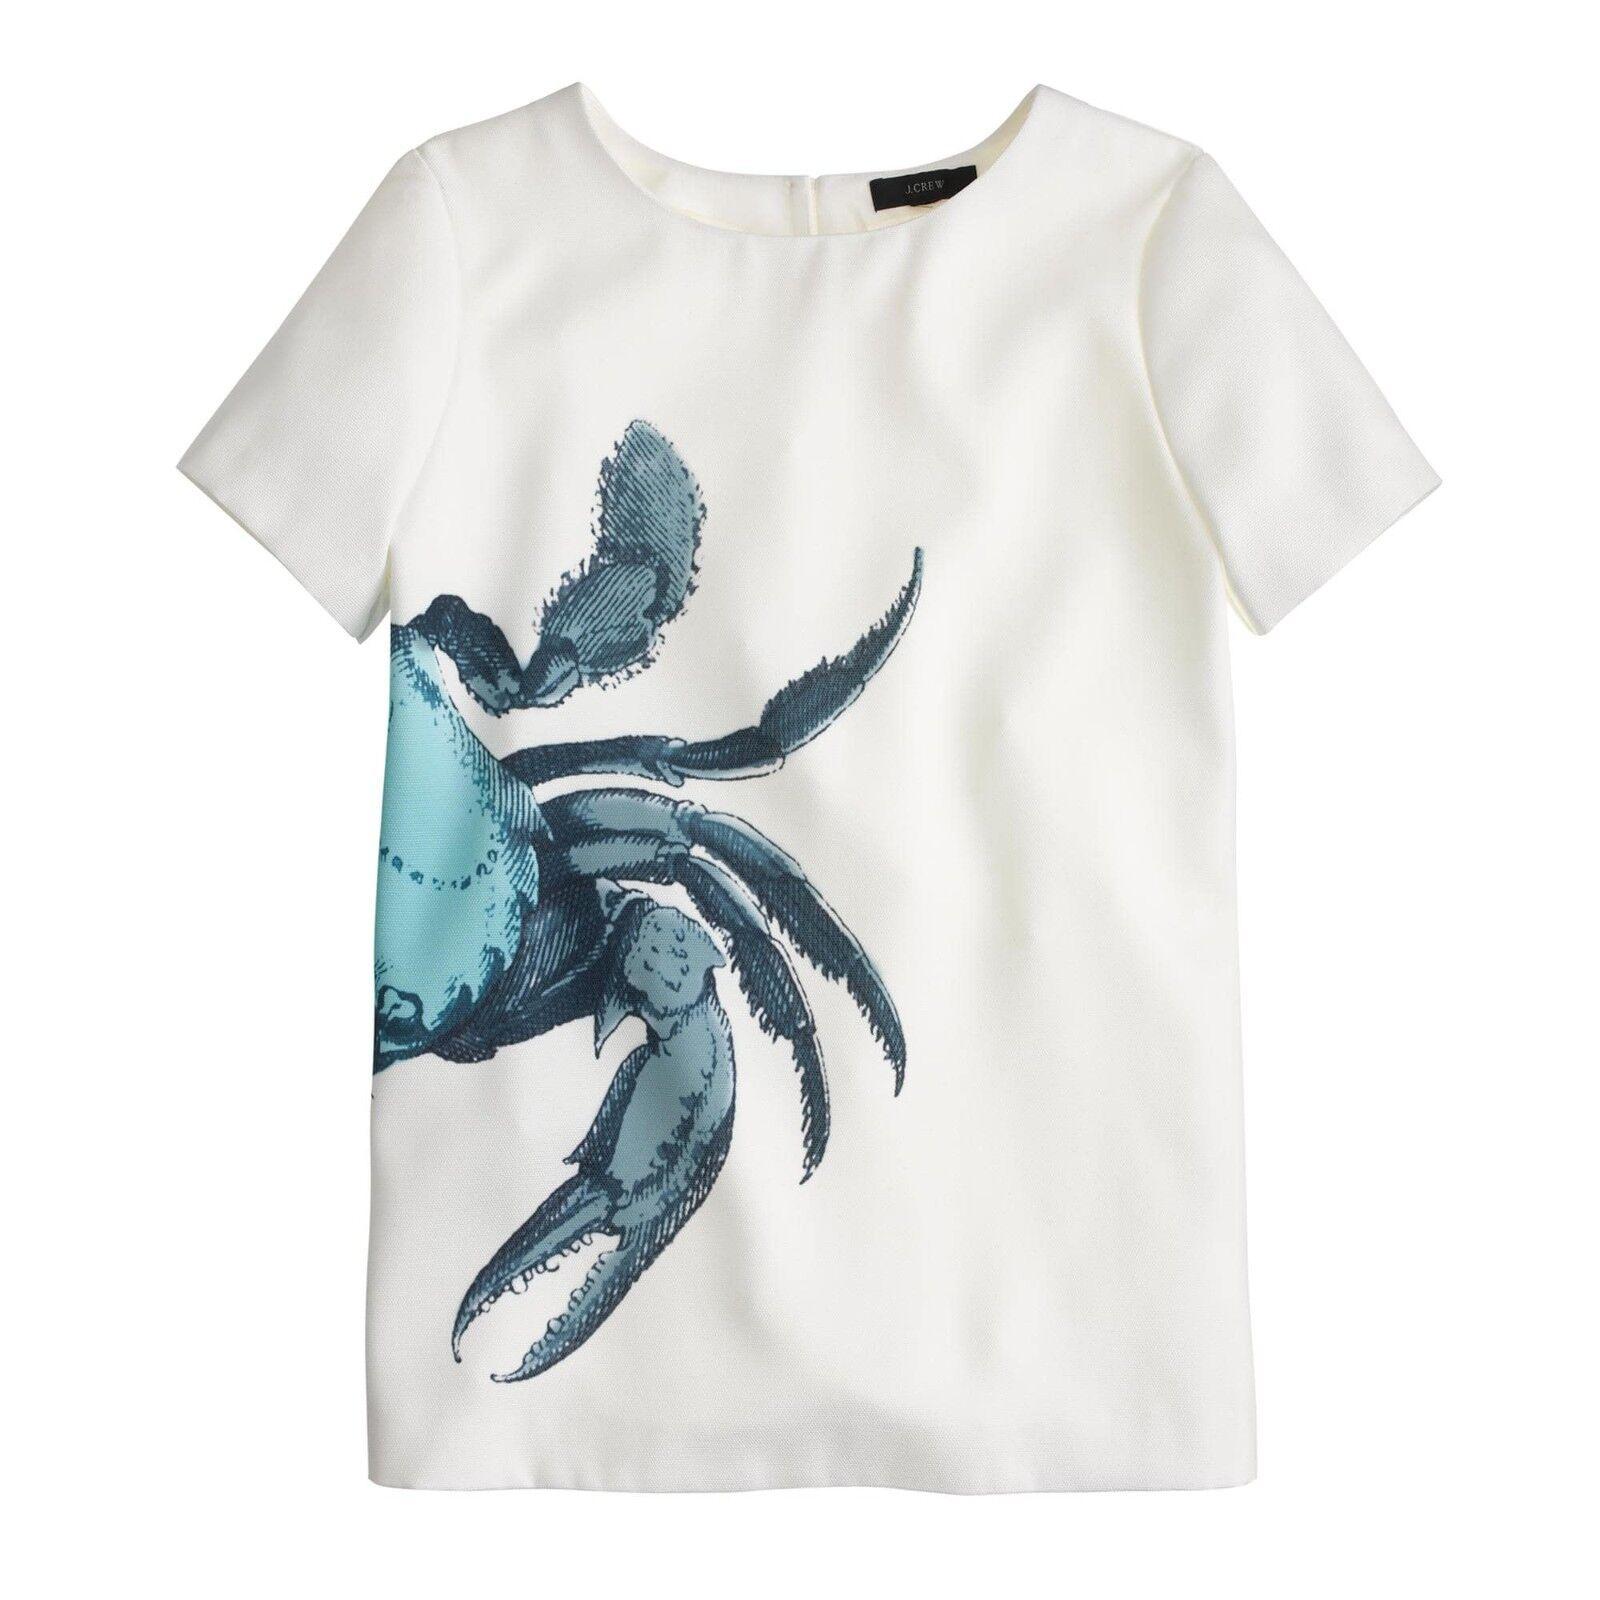 damen J.Crew Crab top blouse short sleeve shirt item A5362 Größe 10